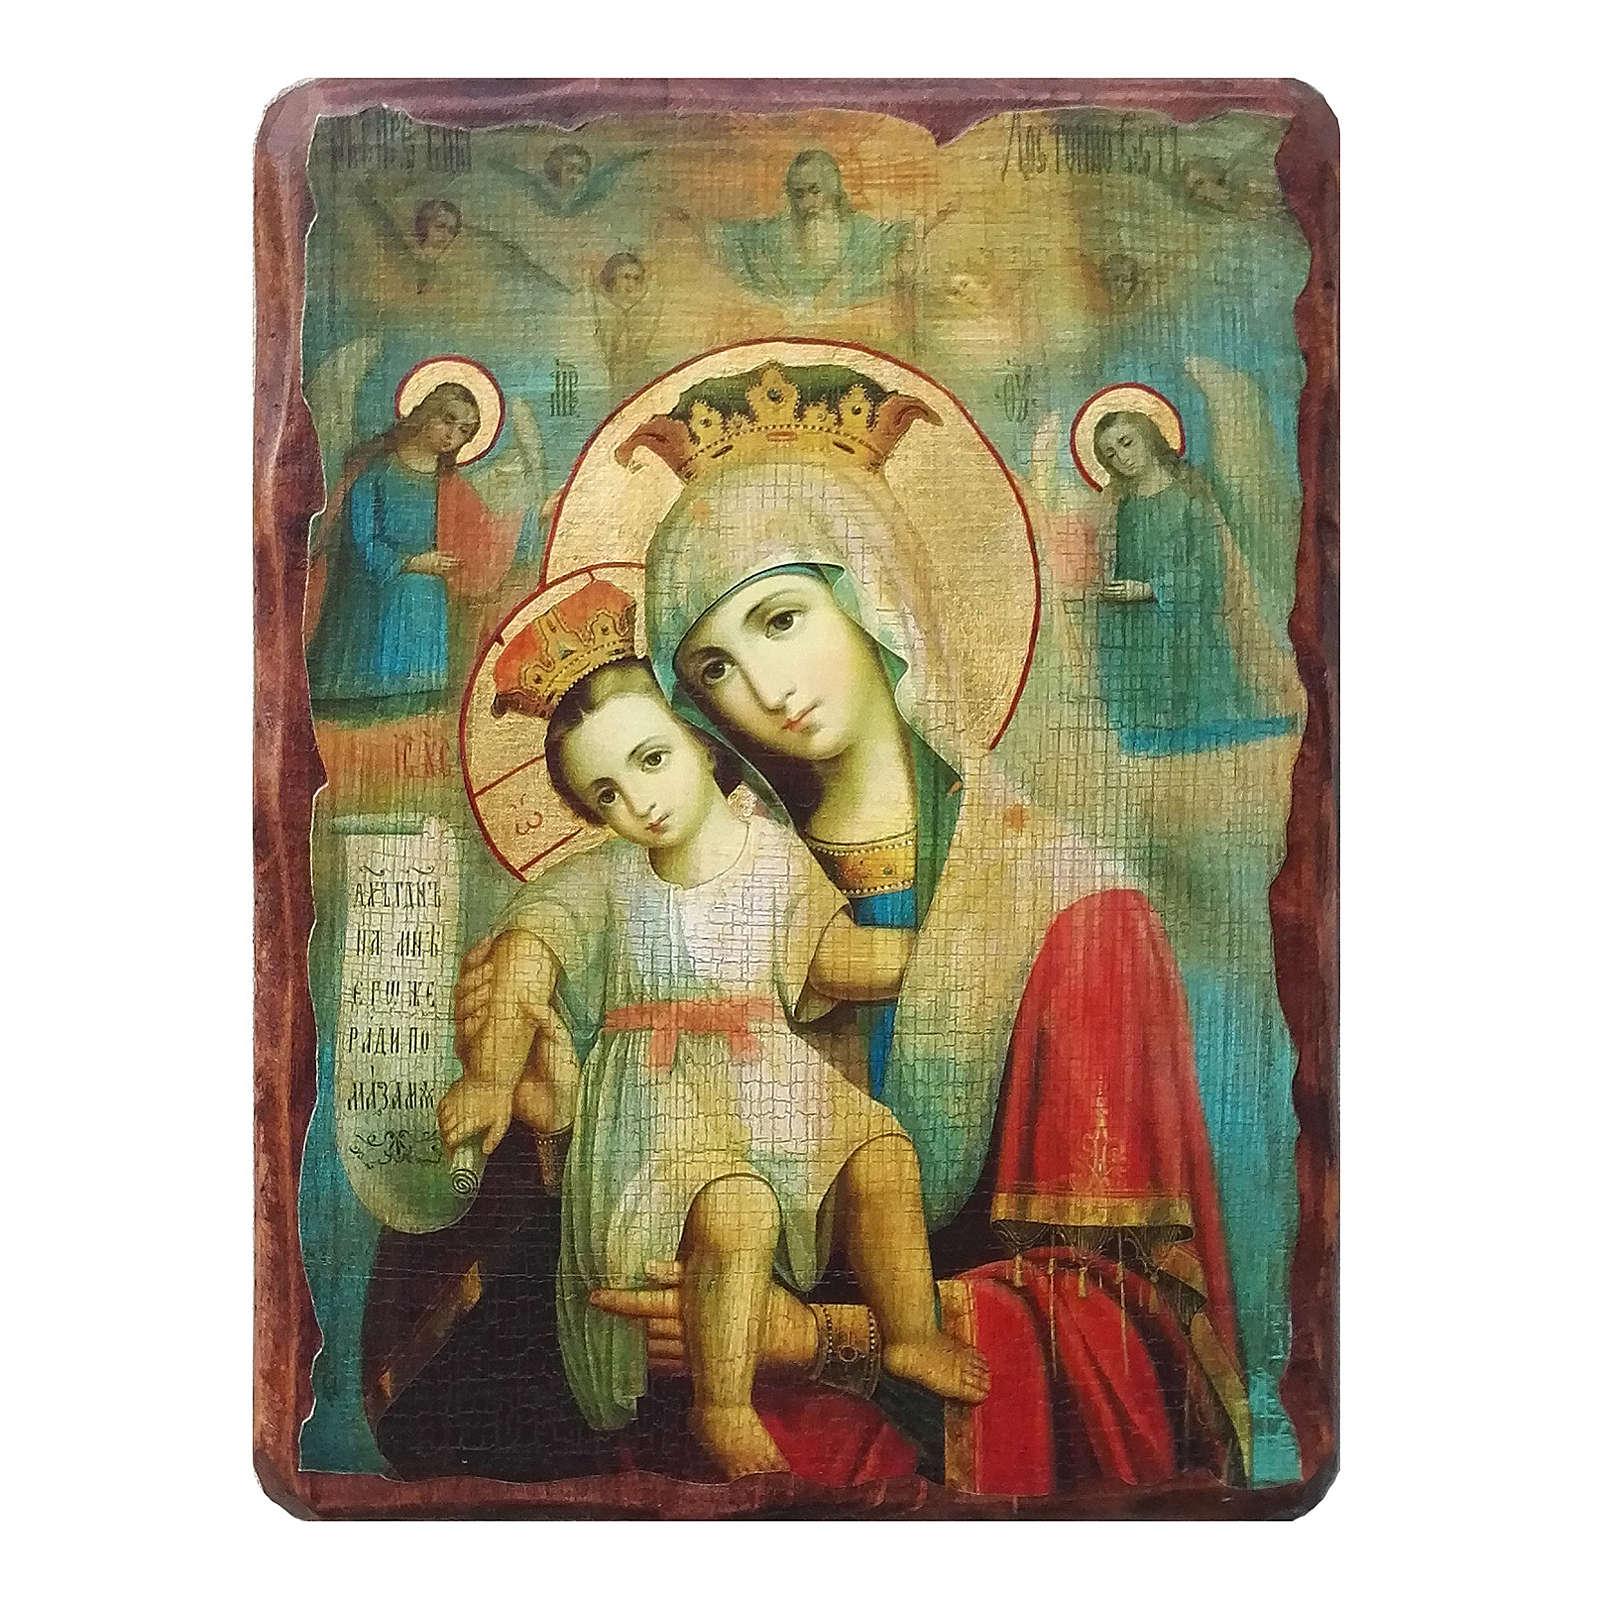 Russische Ikone, Malerei und Découpage, Muttergottes Wahrhaft würdig, 18x14 cm 4